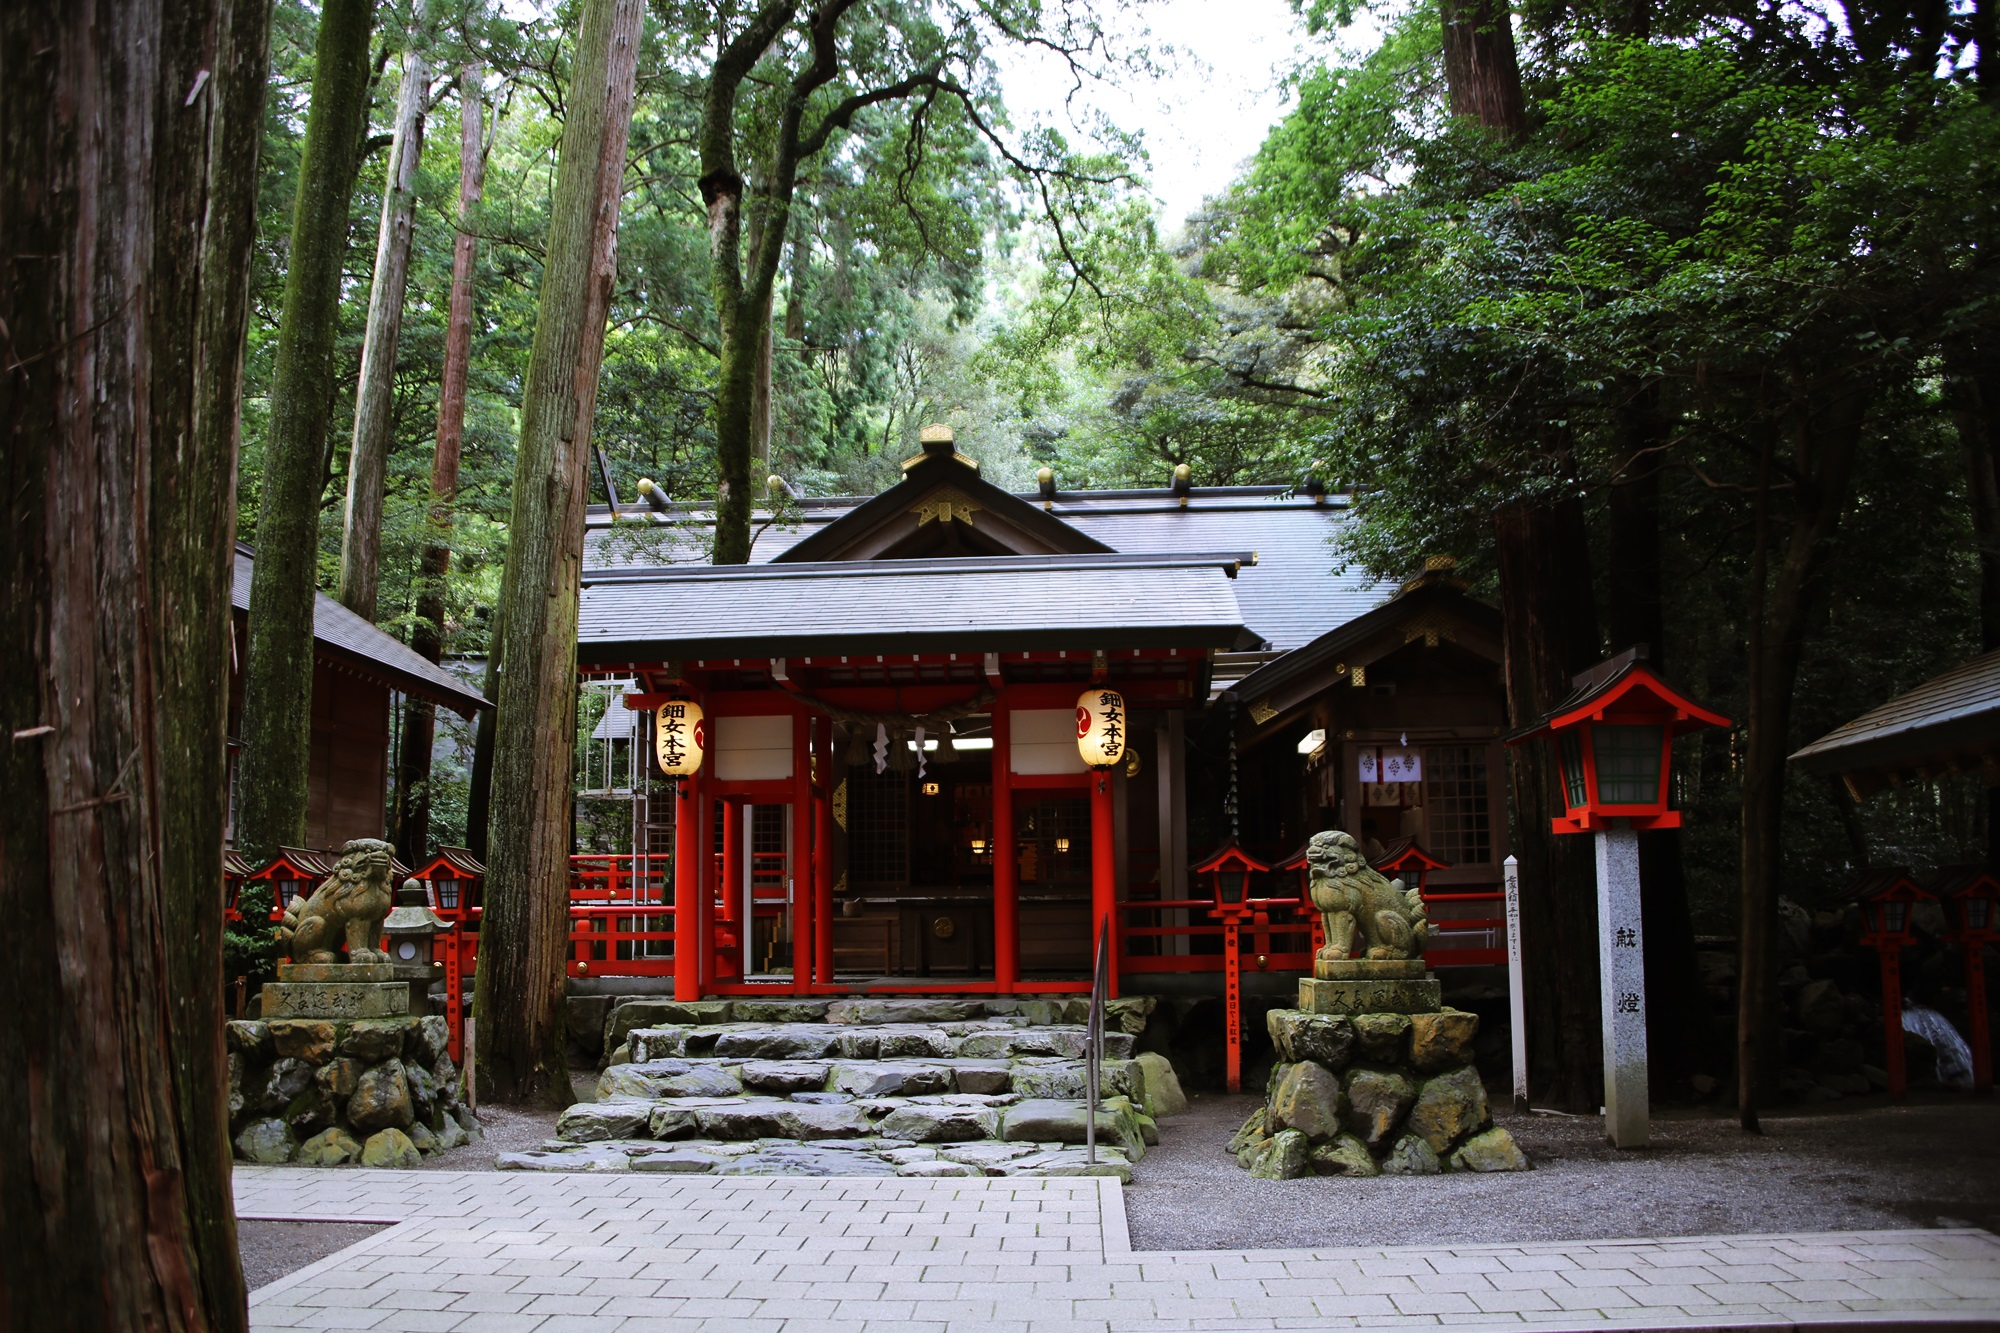 椿大神社 (つばきおおかみやしろ) tsubakiookamiyashiro (11)